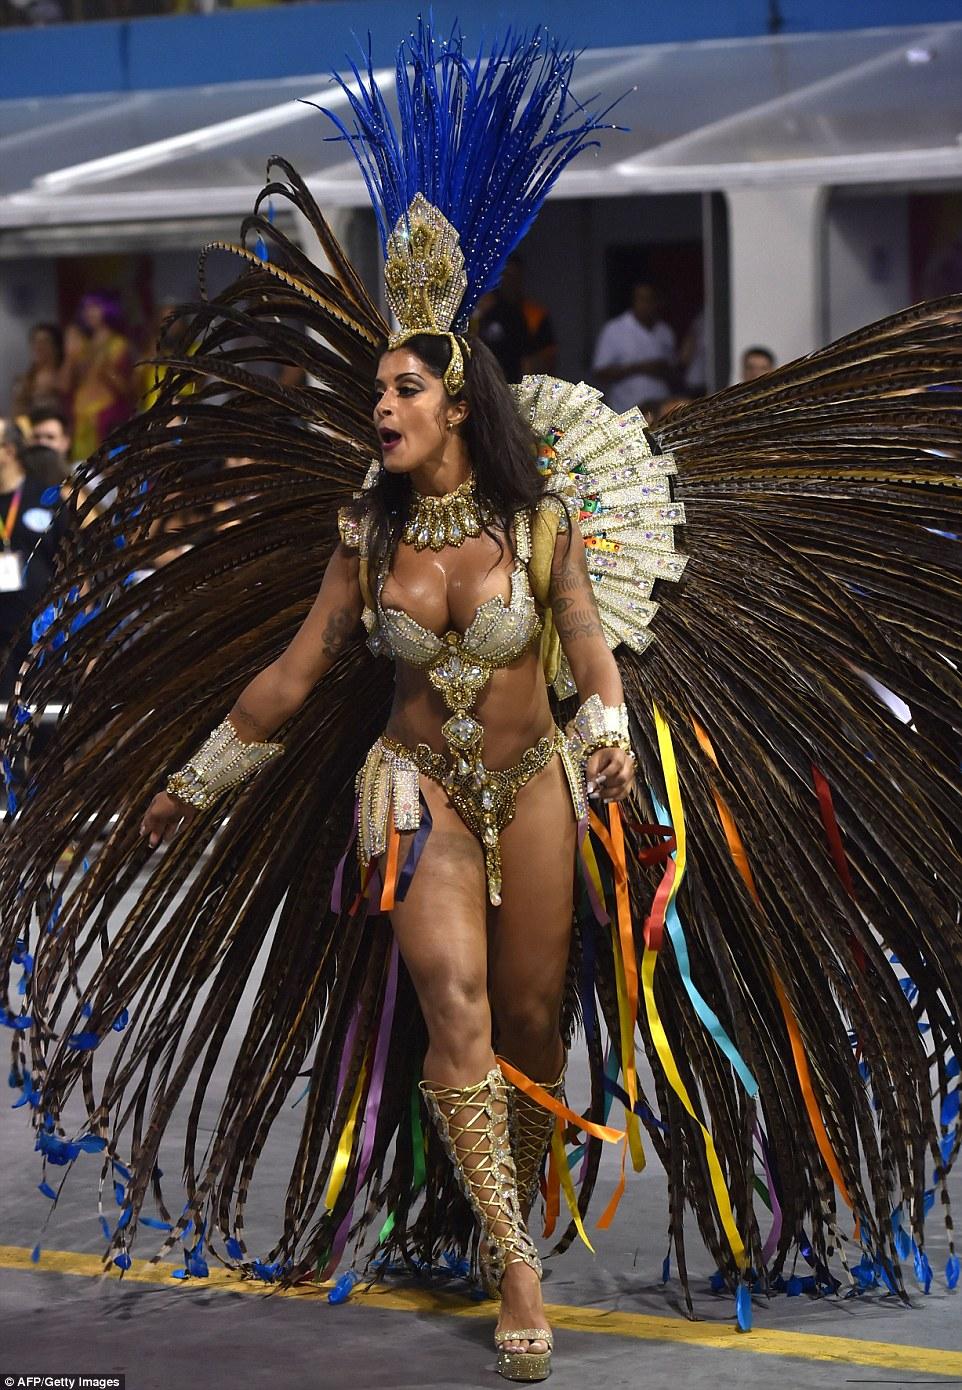 Смотреть оргии карнавала рио порно онлайн